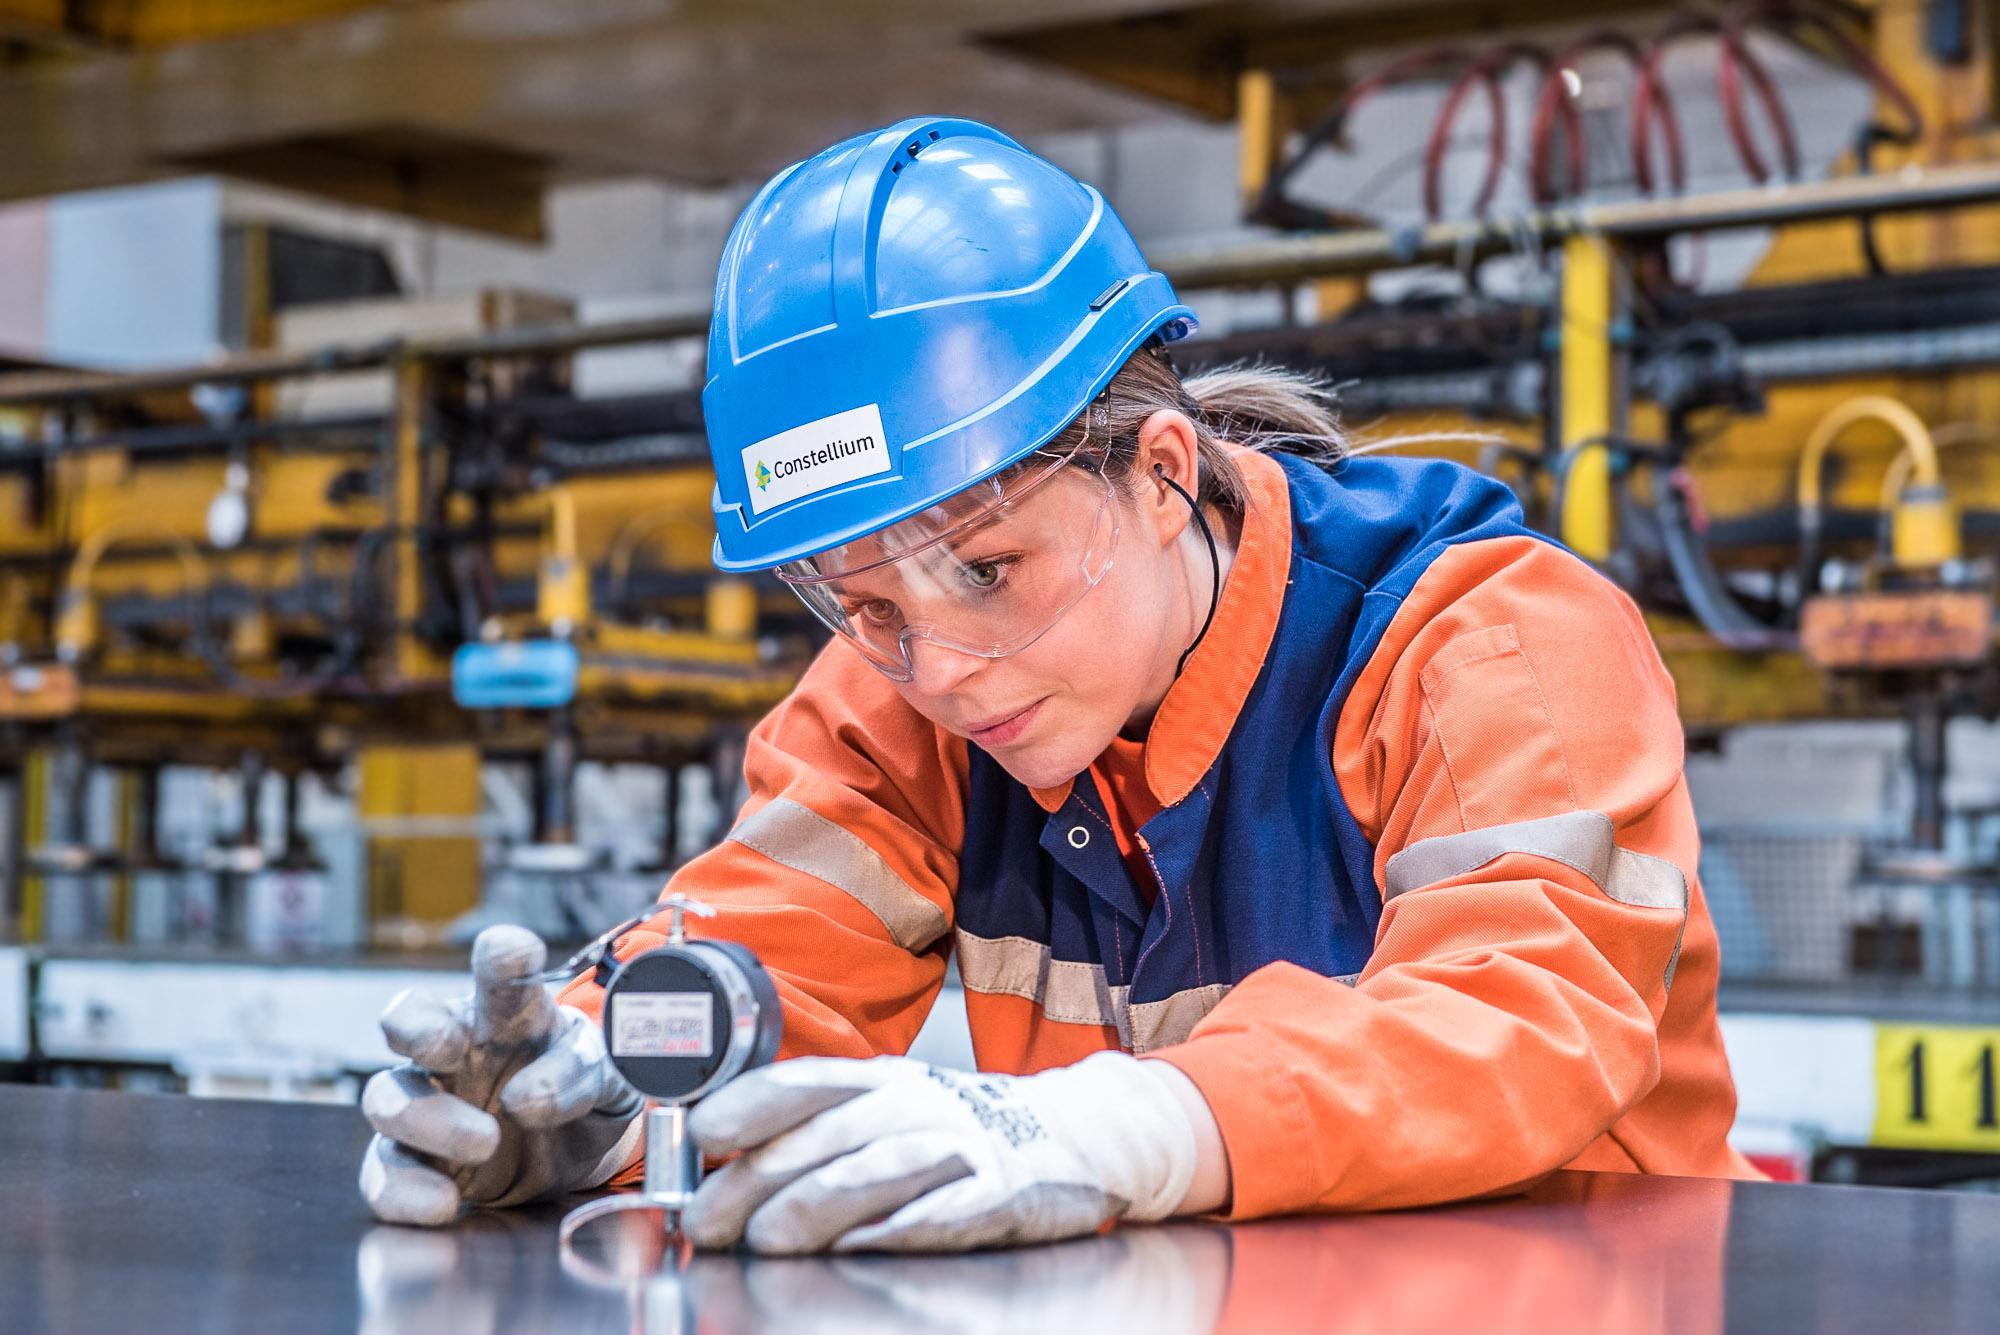 Photographie corporate sur les activités  de production du  groupe industriel Constellium